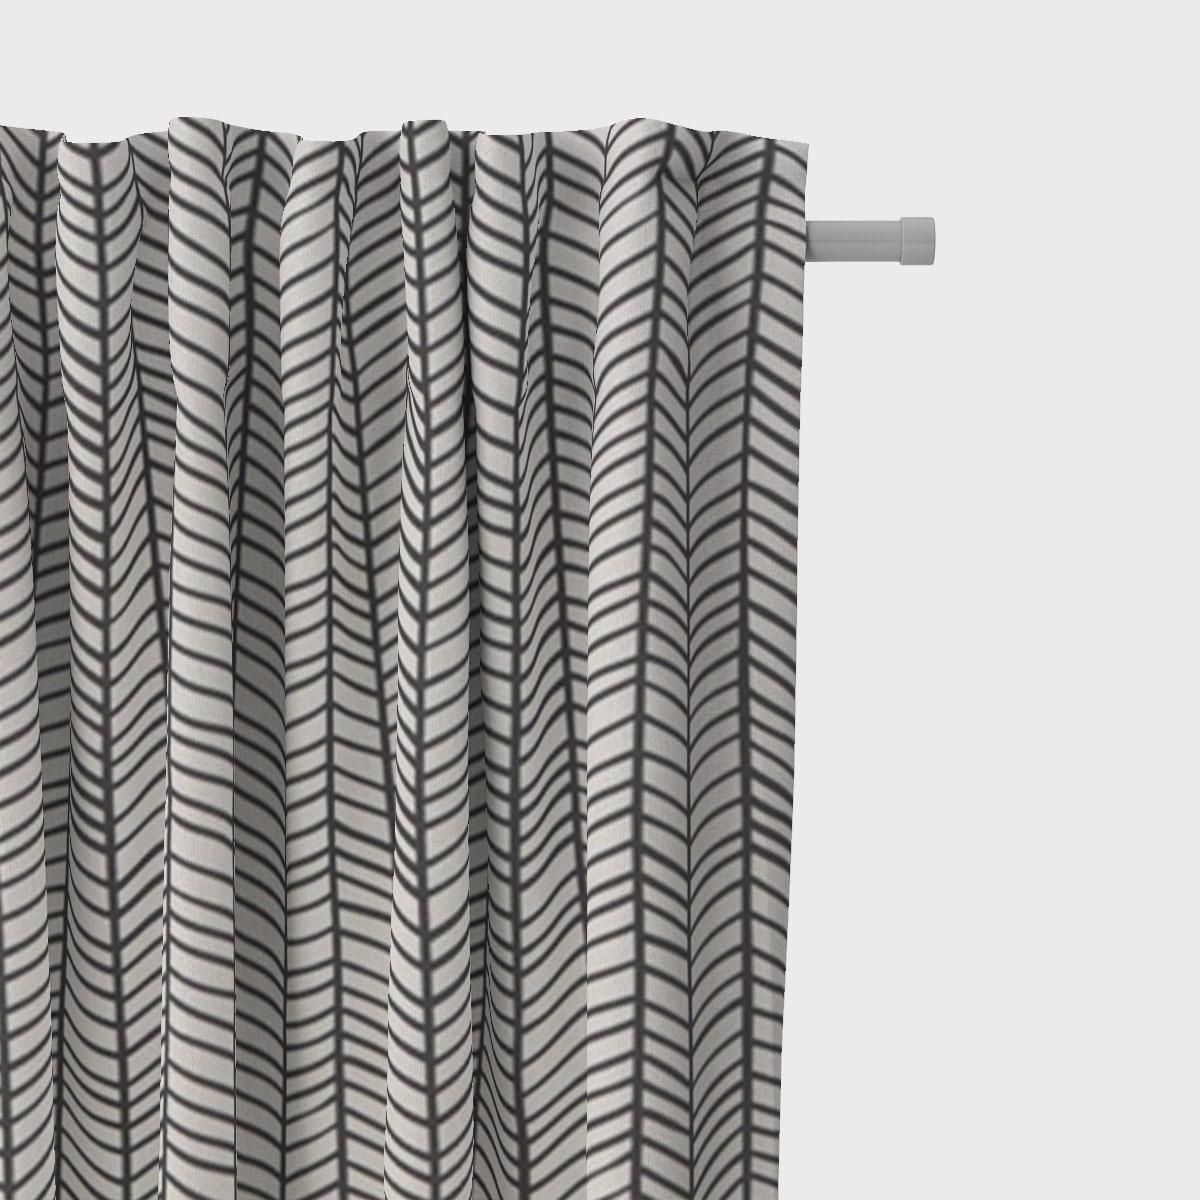 SCHÖNER LEBEN. Vorhang Fischgrätmuster abstrakt weiß schwarz 245cm oder Wunschlänge